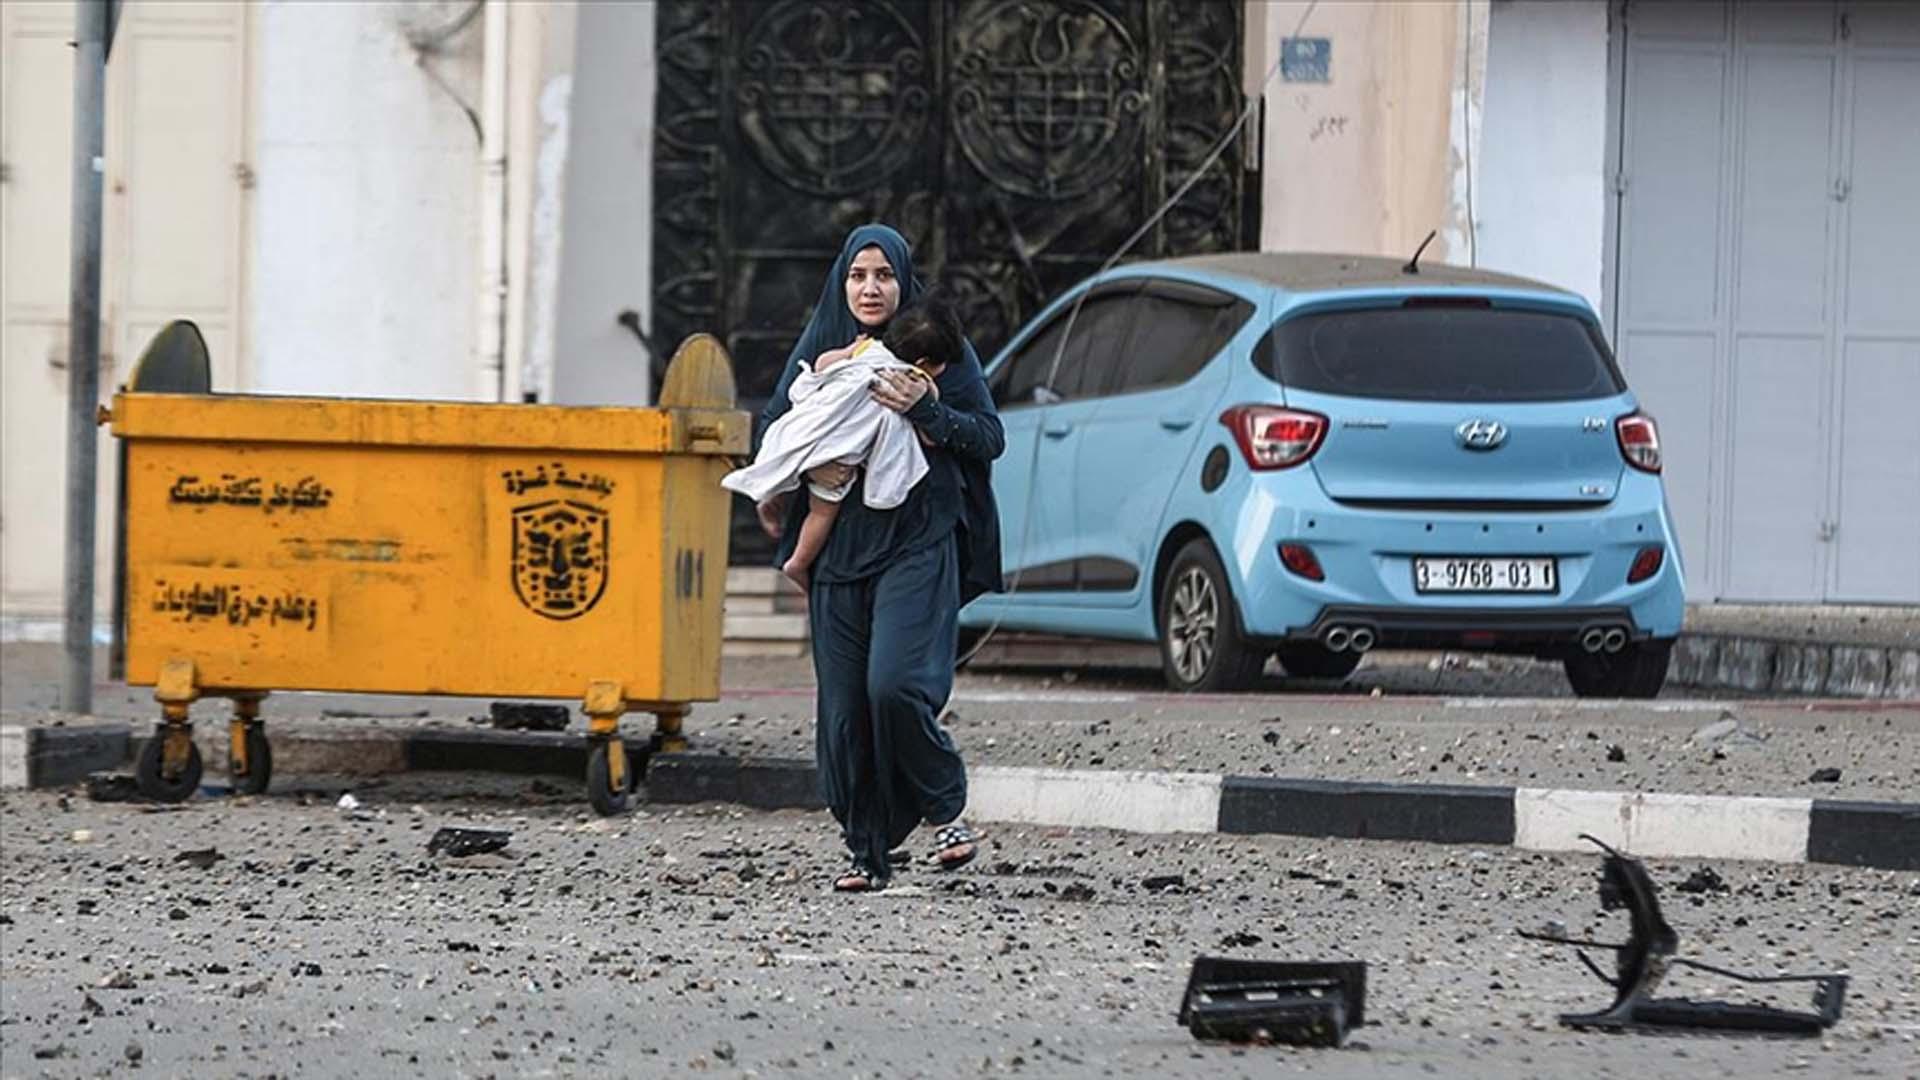 Son dakika | Filistin Sağlık Bakanlığı acı haberi açıkladı: Şehit sayısı 43, yaralı sayısı 296